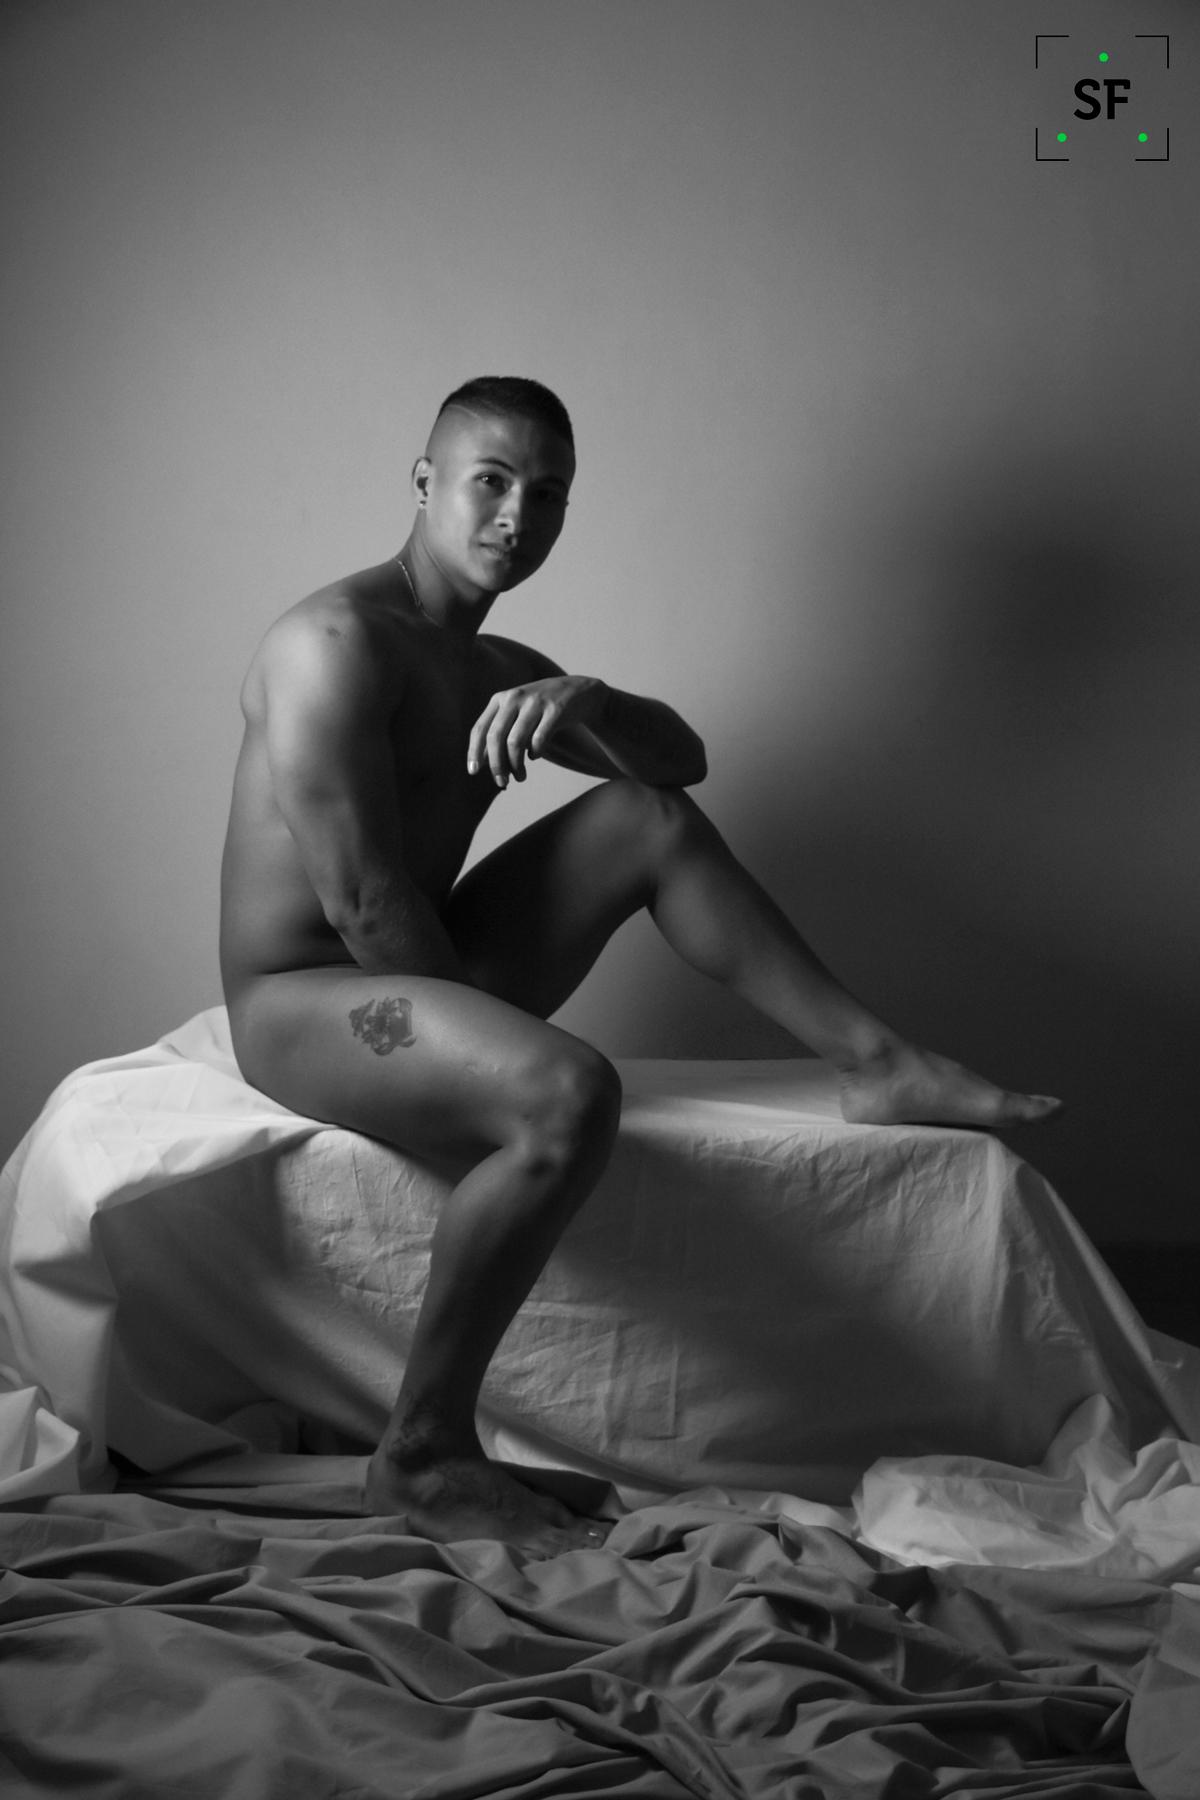 modelo fotógrafo fotografía guapo